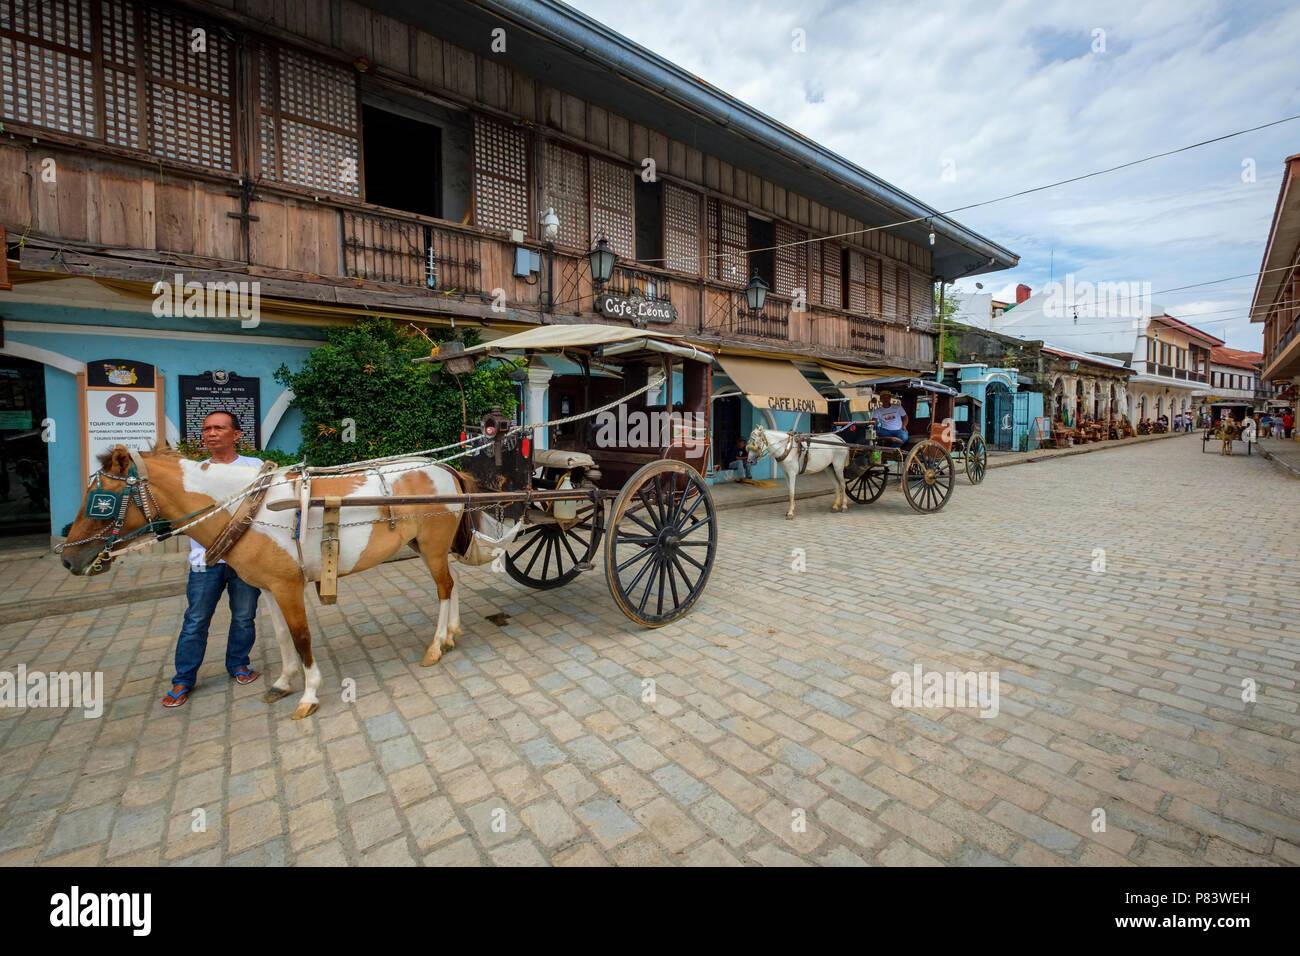 La pittoresca del XVI secolo città coloniale spagnola di Vigan nelle Filippine con le sue carrozze trainate da cavalli e le strade ciottolate Immagini Stock